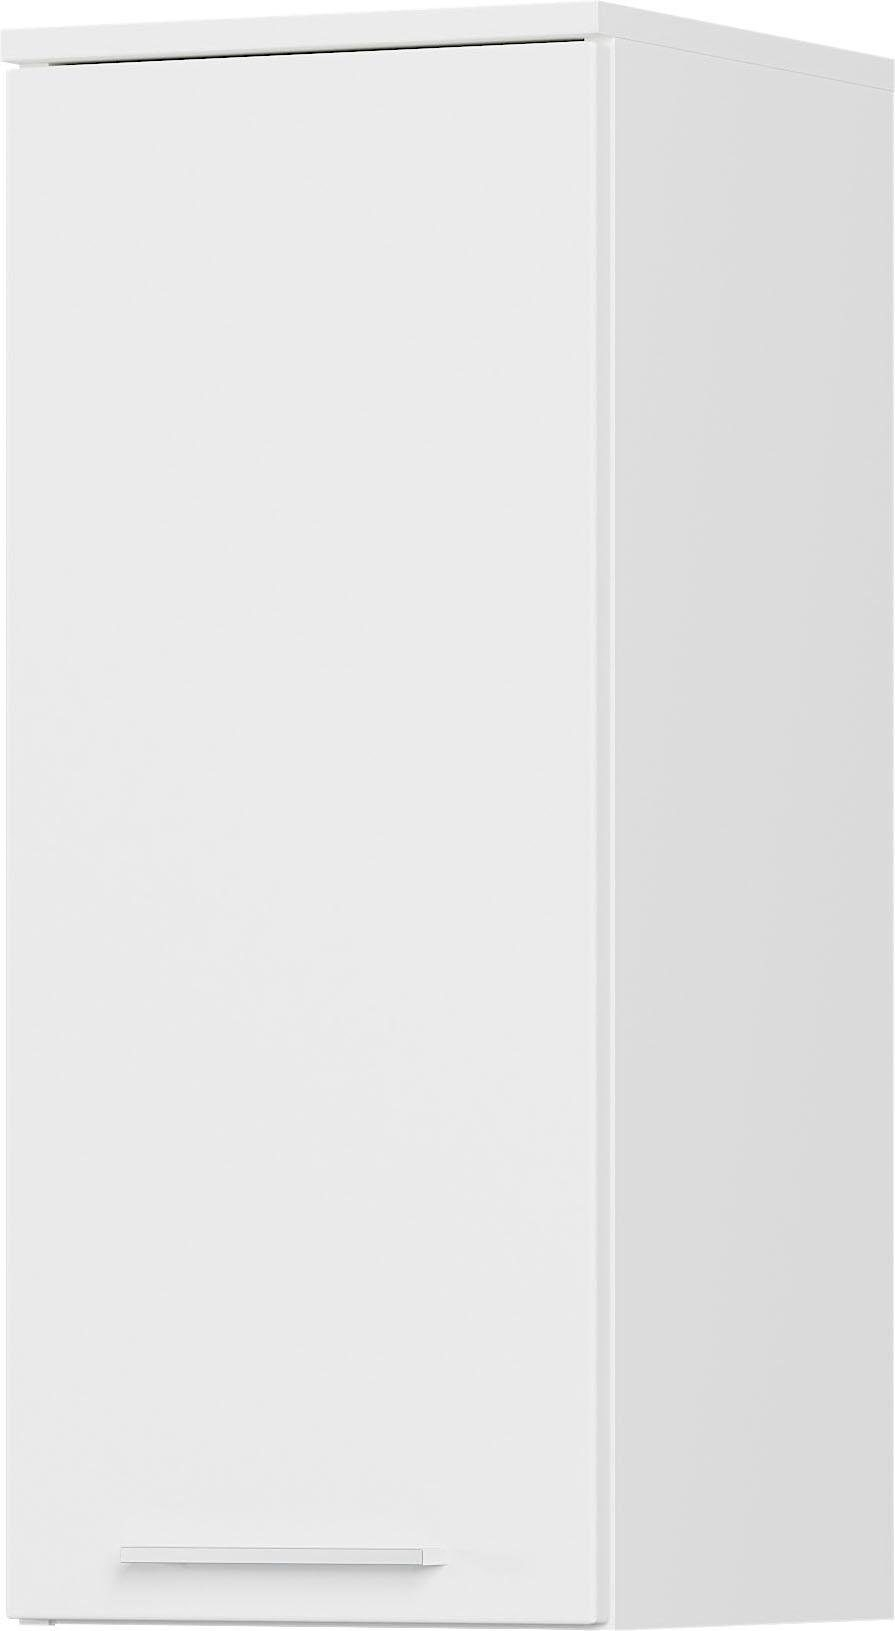 Badkamer hangkast Arvada 73 cm hoog in wit